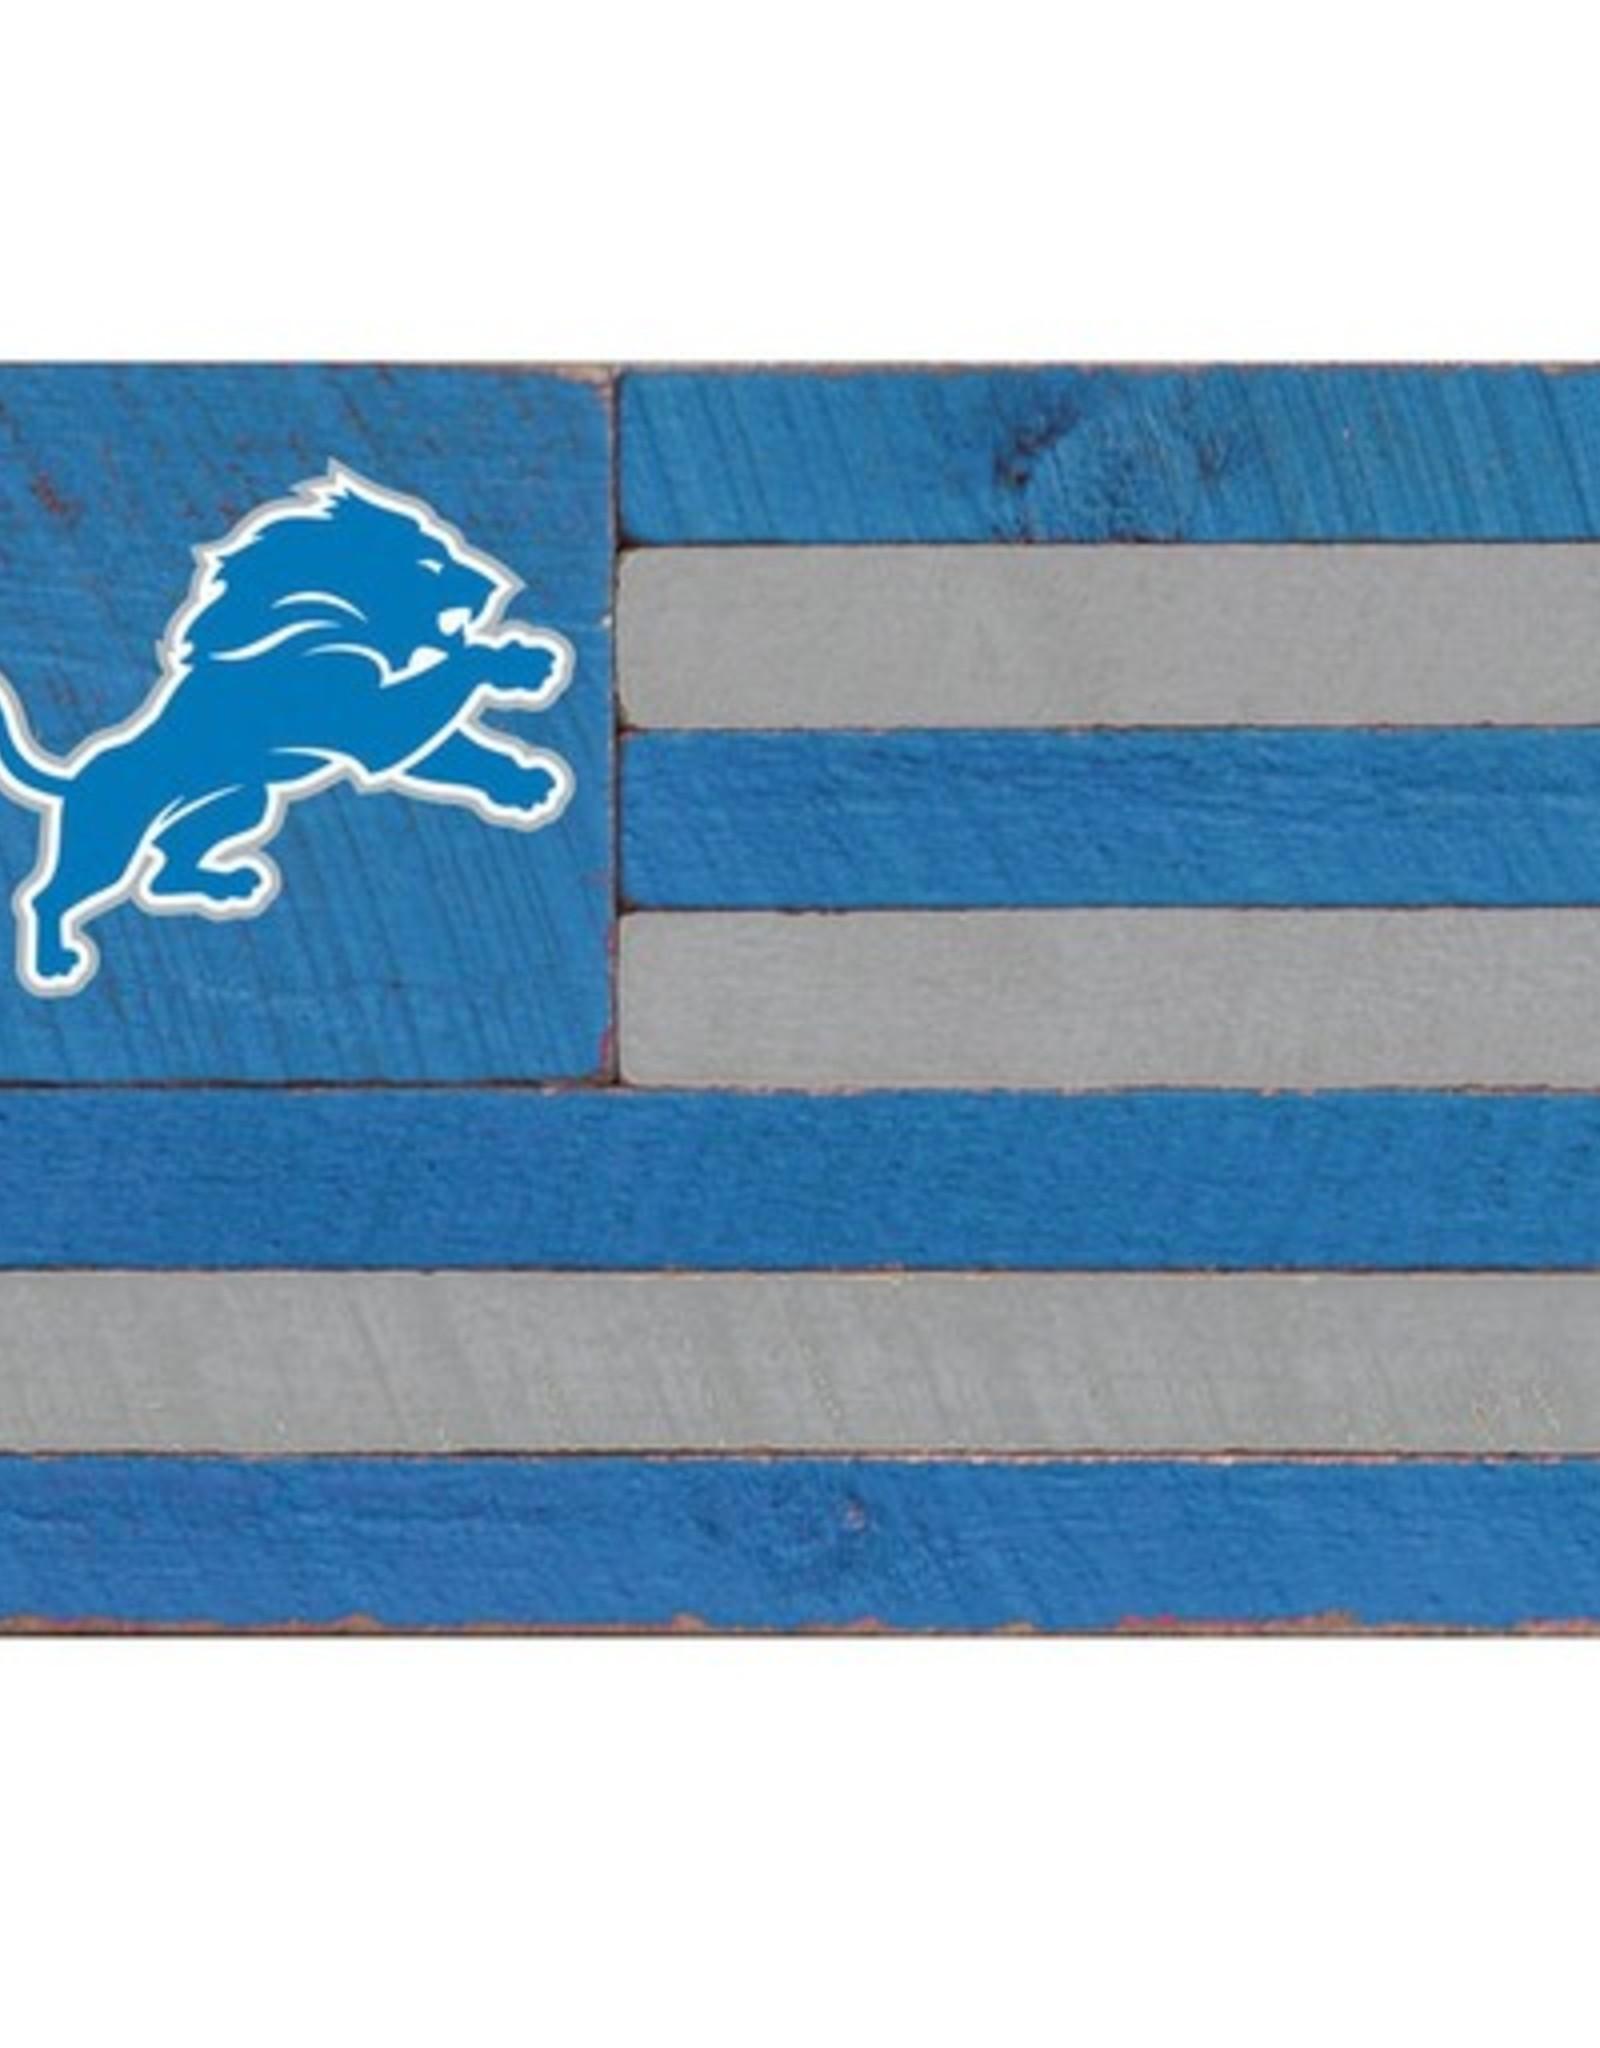 RUSTIC MARLIN Detriot Lions Rustic Team Flag